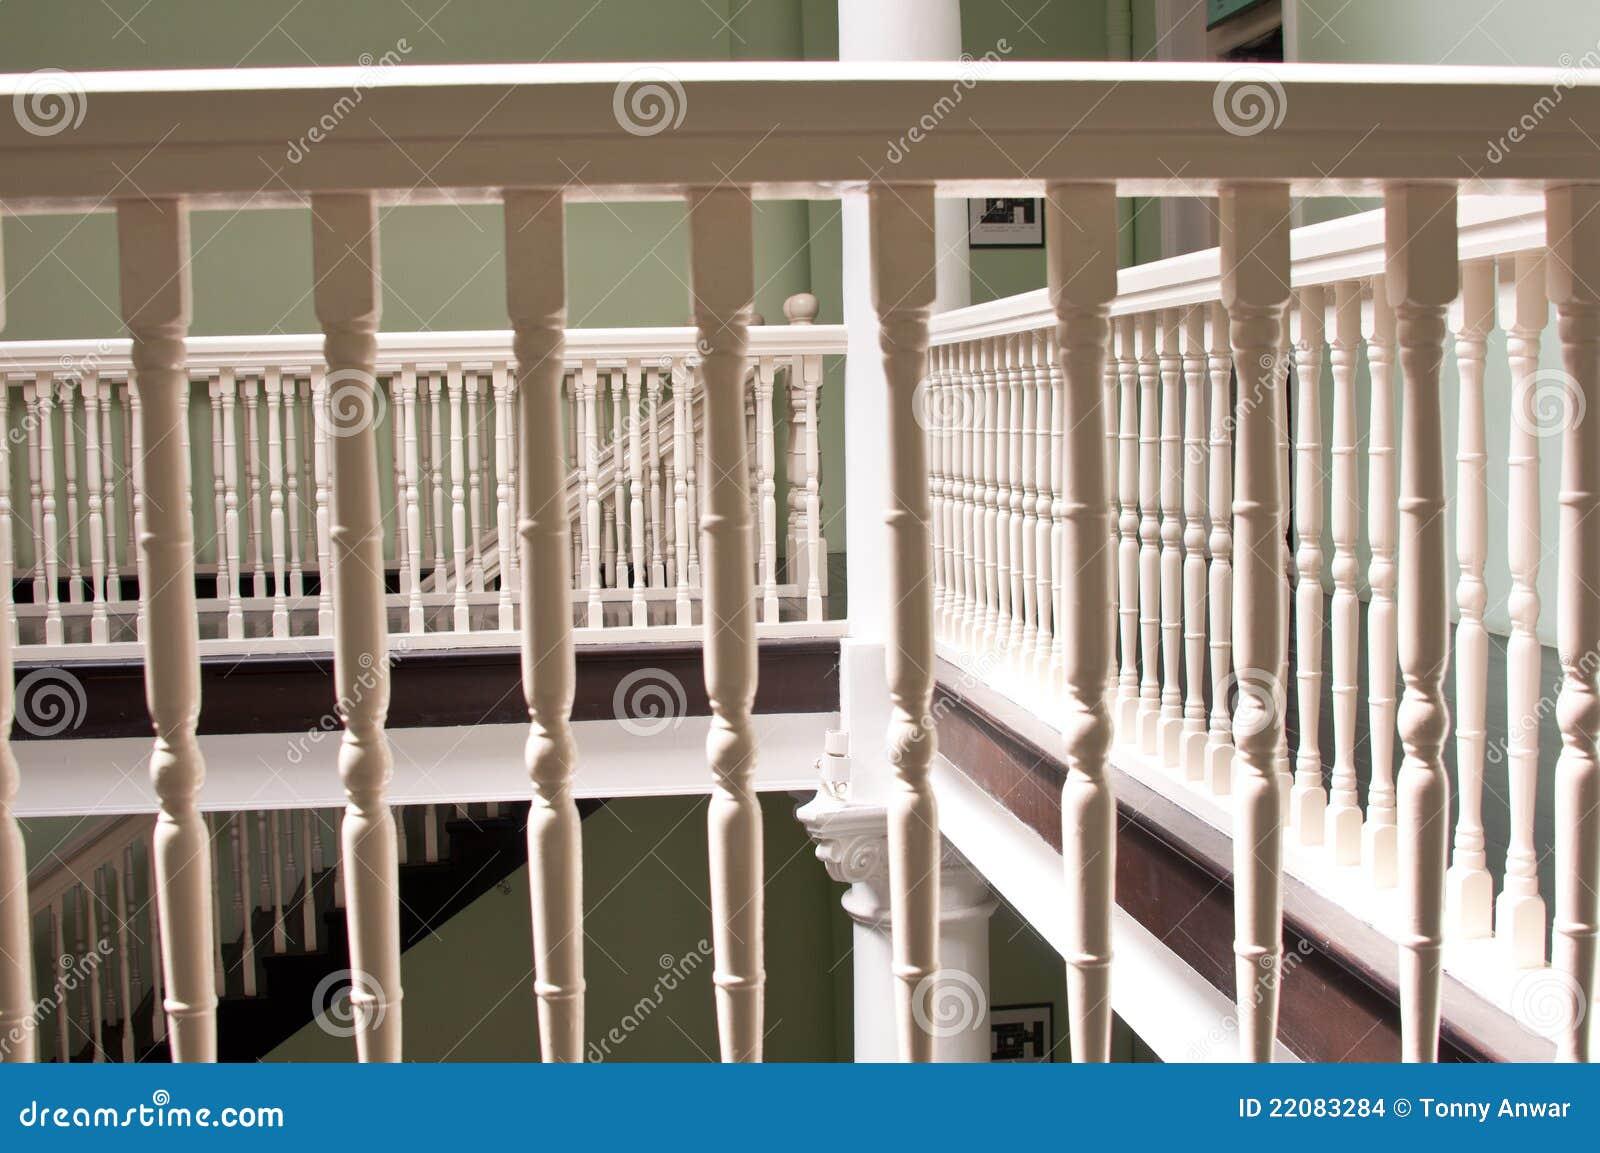 Utfärda utegångsförbud för, grinden, trappan och staket royaltyfri ...